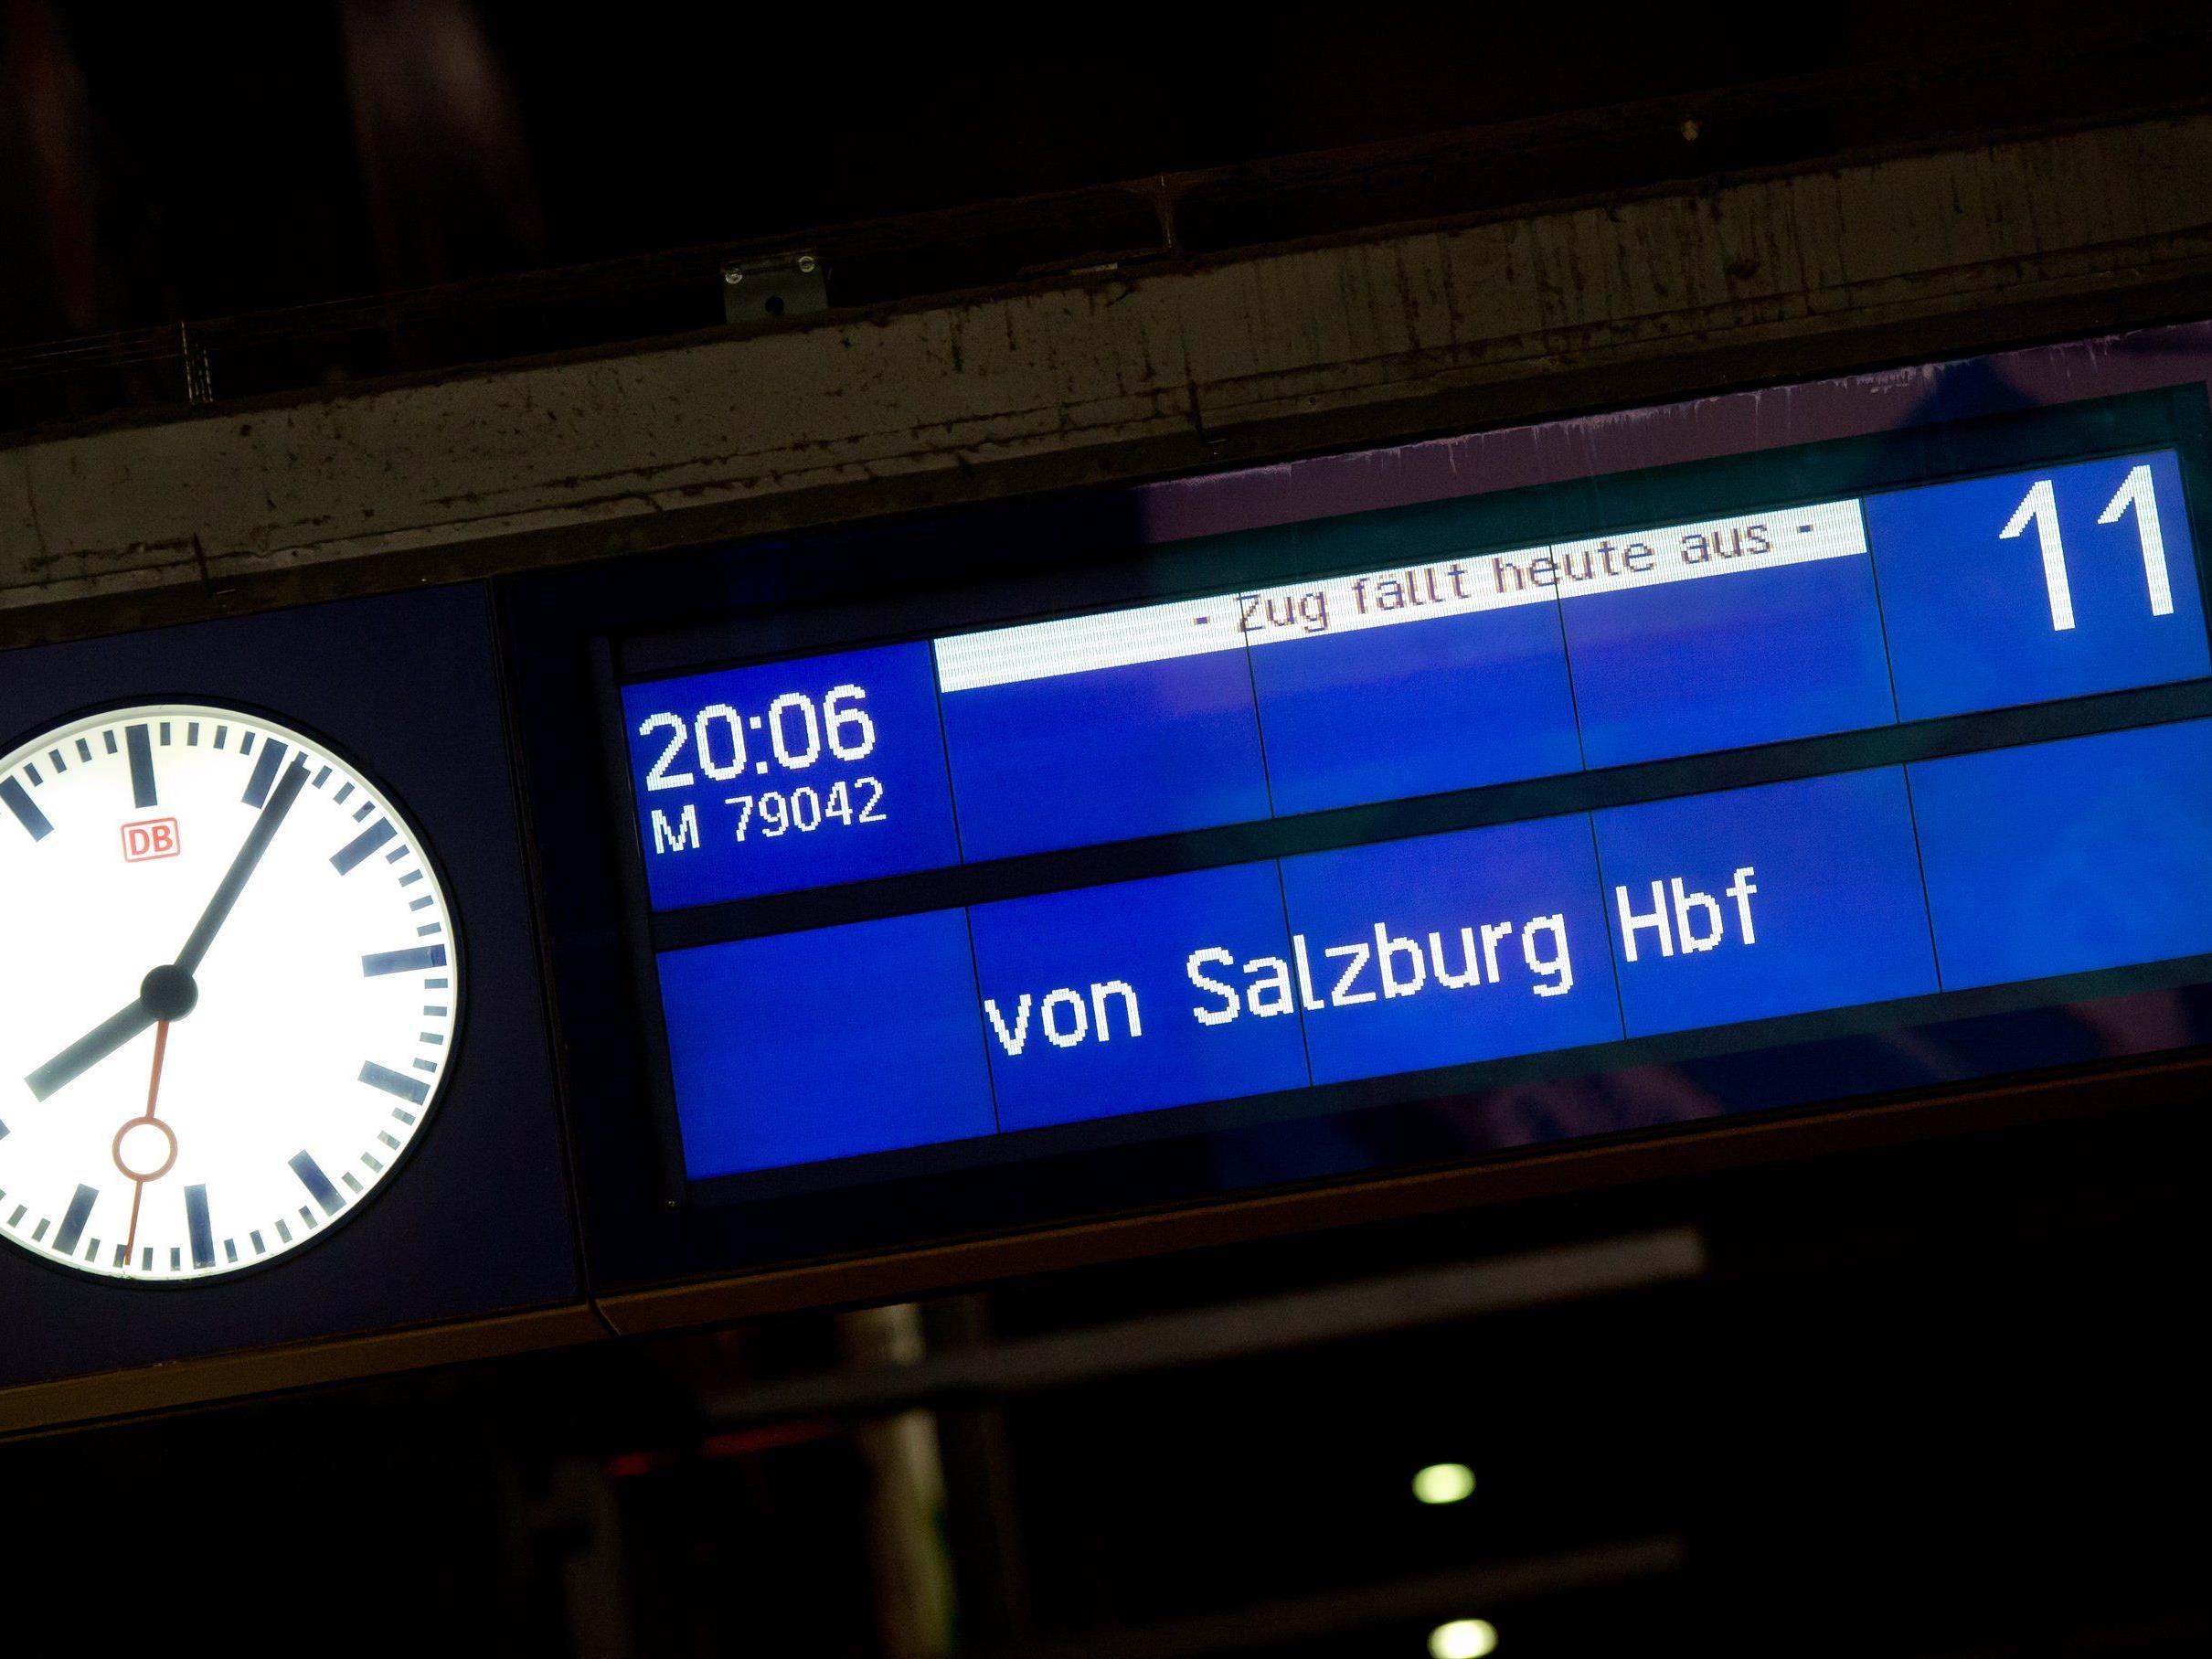 Züge mit Fahrgästen heute nur Richtung Österreich - Ab morgen eingeschränkter Verkehr in beide Richtungen.